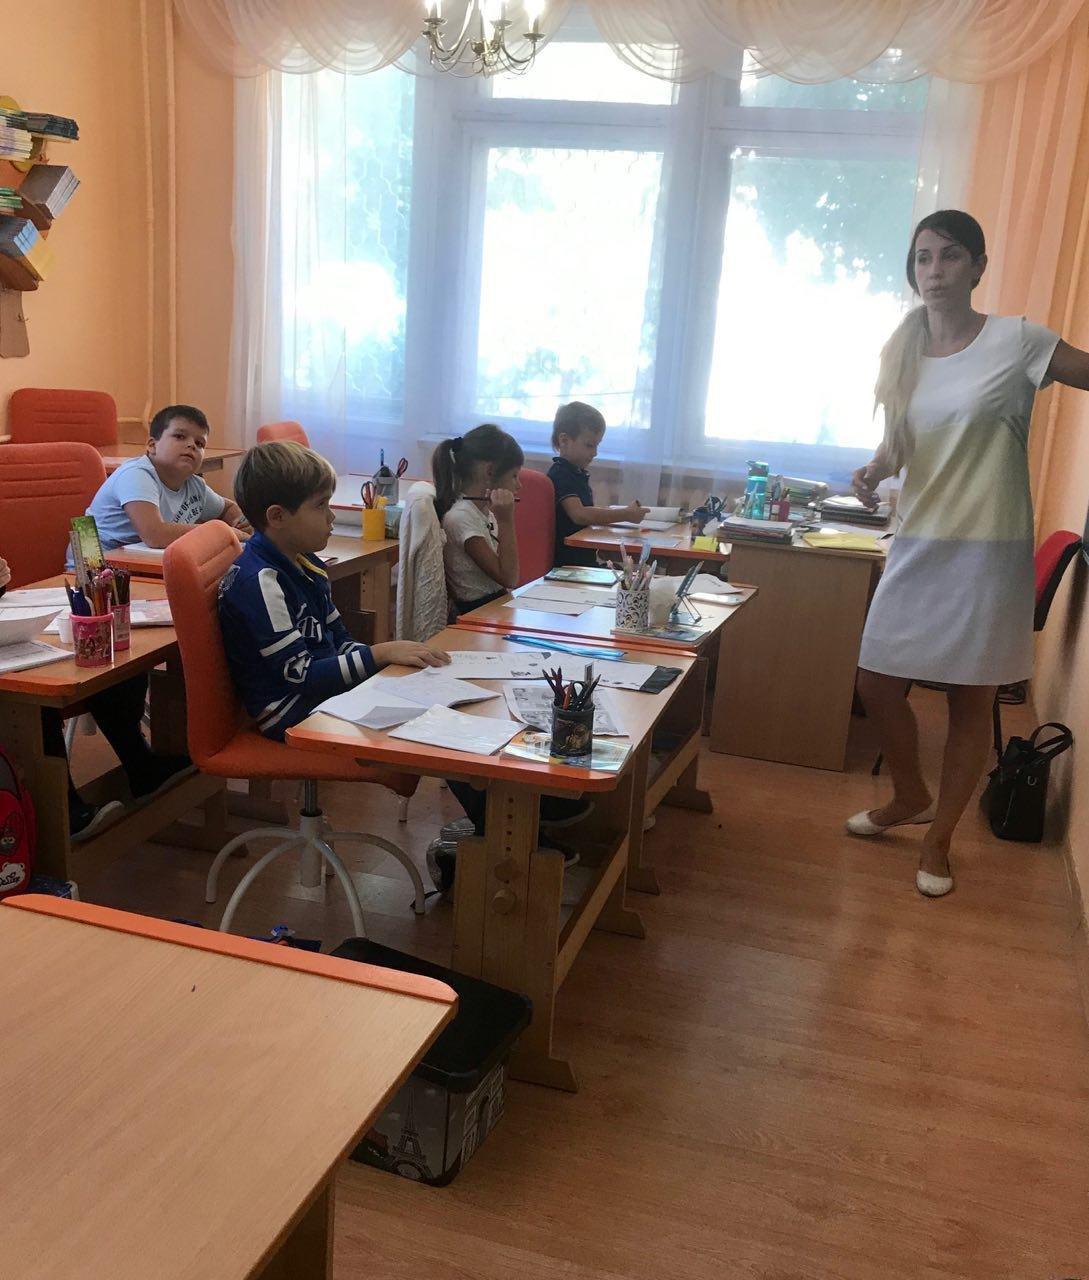 Развитие и образование ребенка в Одессе, фото-10